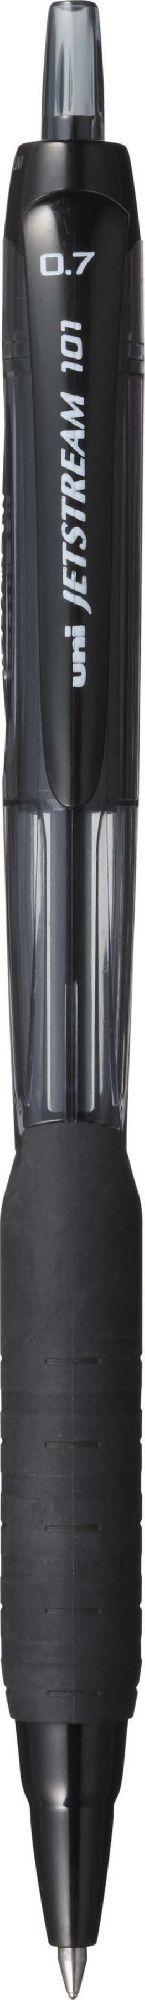 Uni Mitsubishi Pencil Długopis Kulkowy SXN-101 Czarny 1